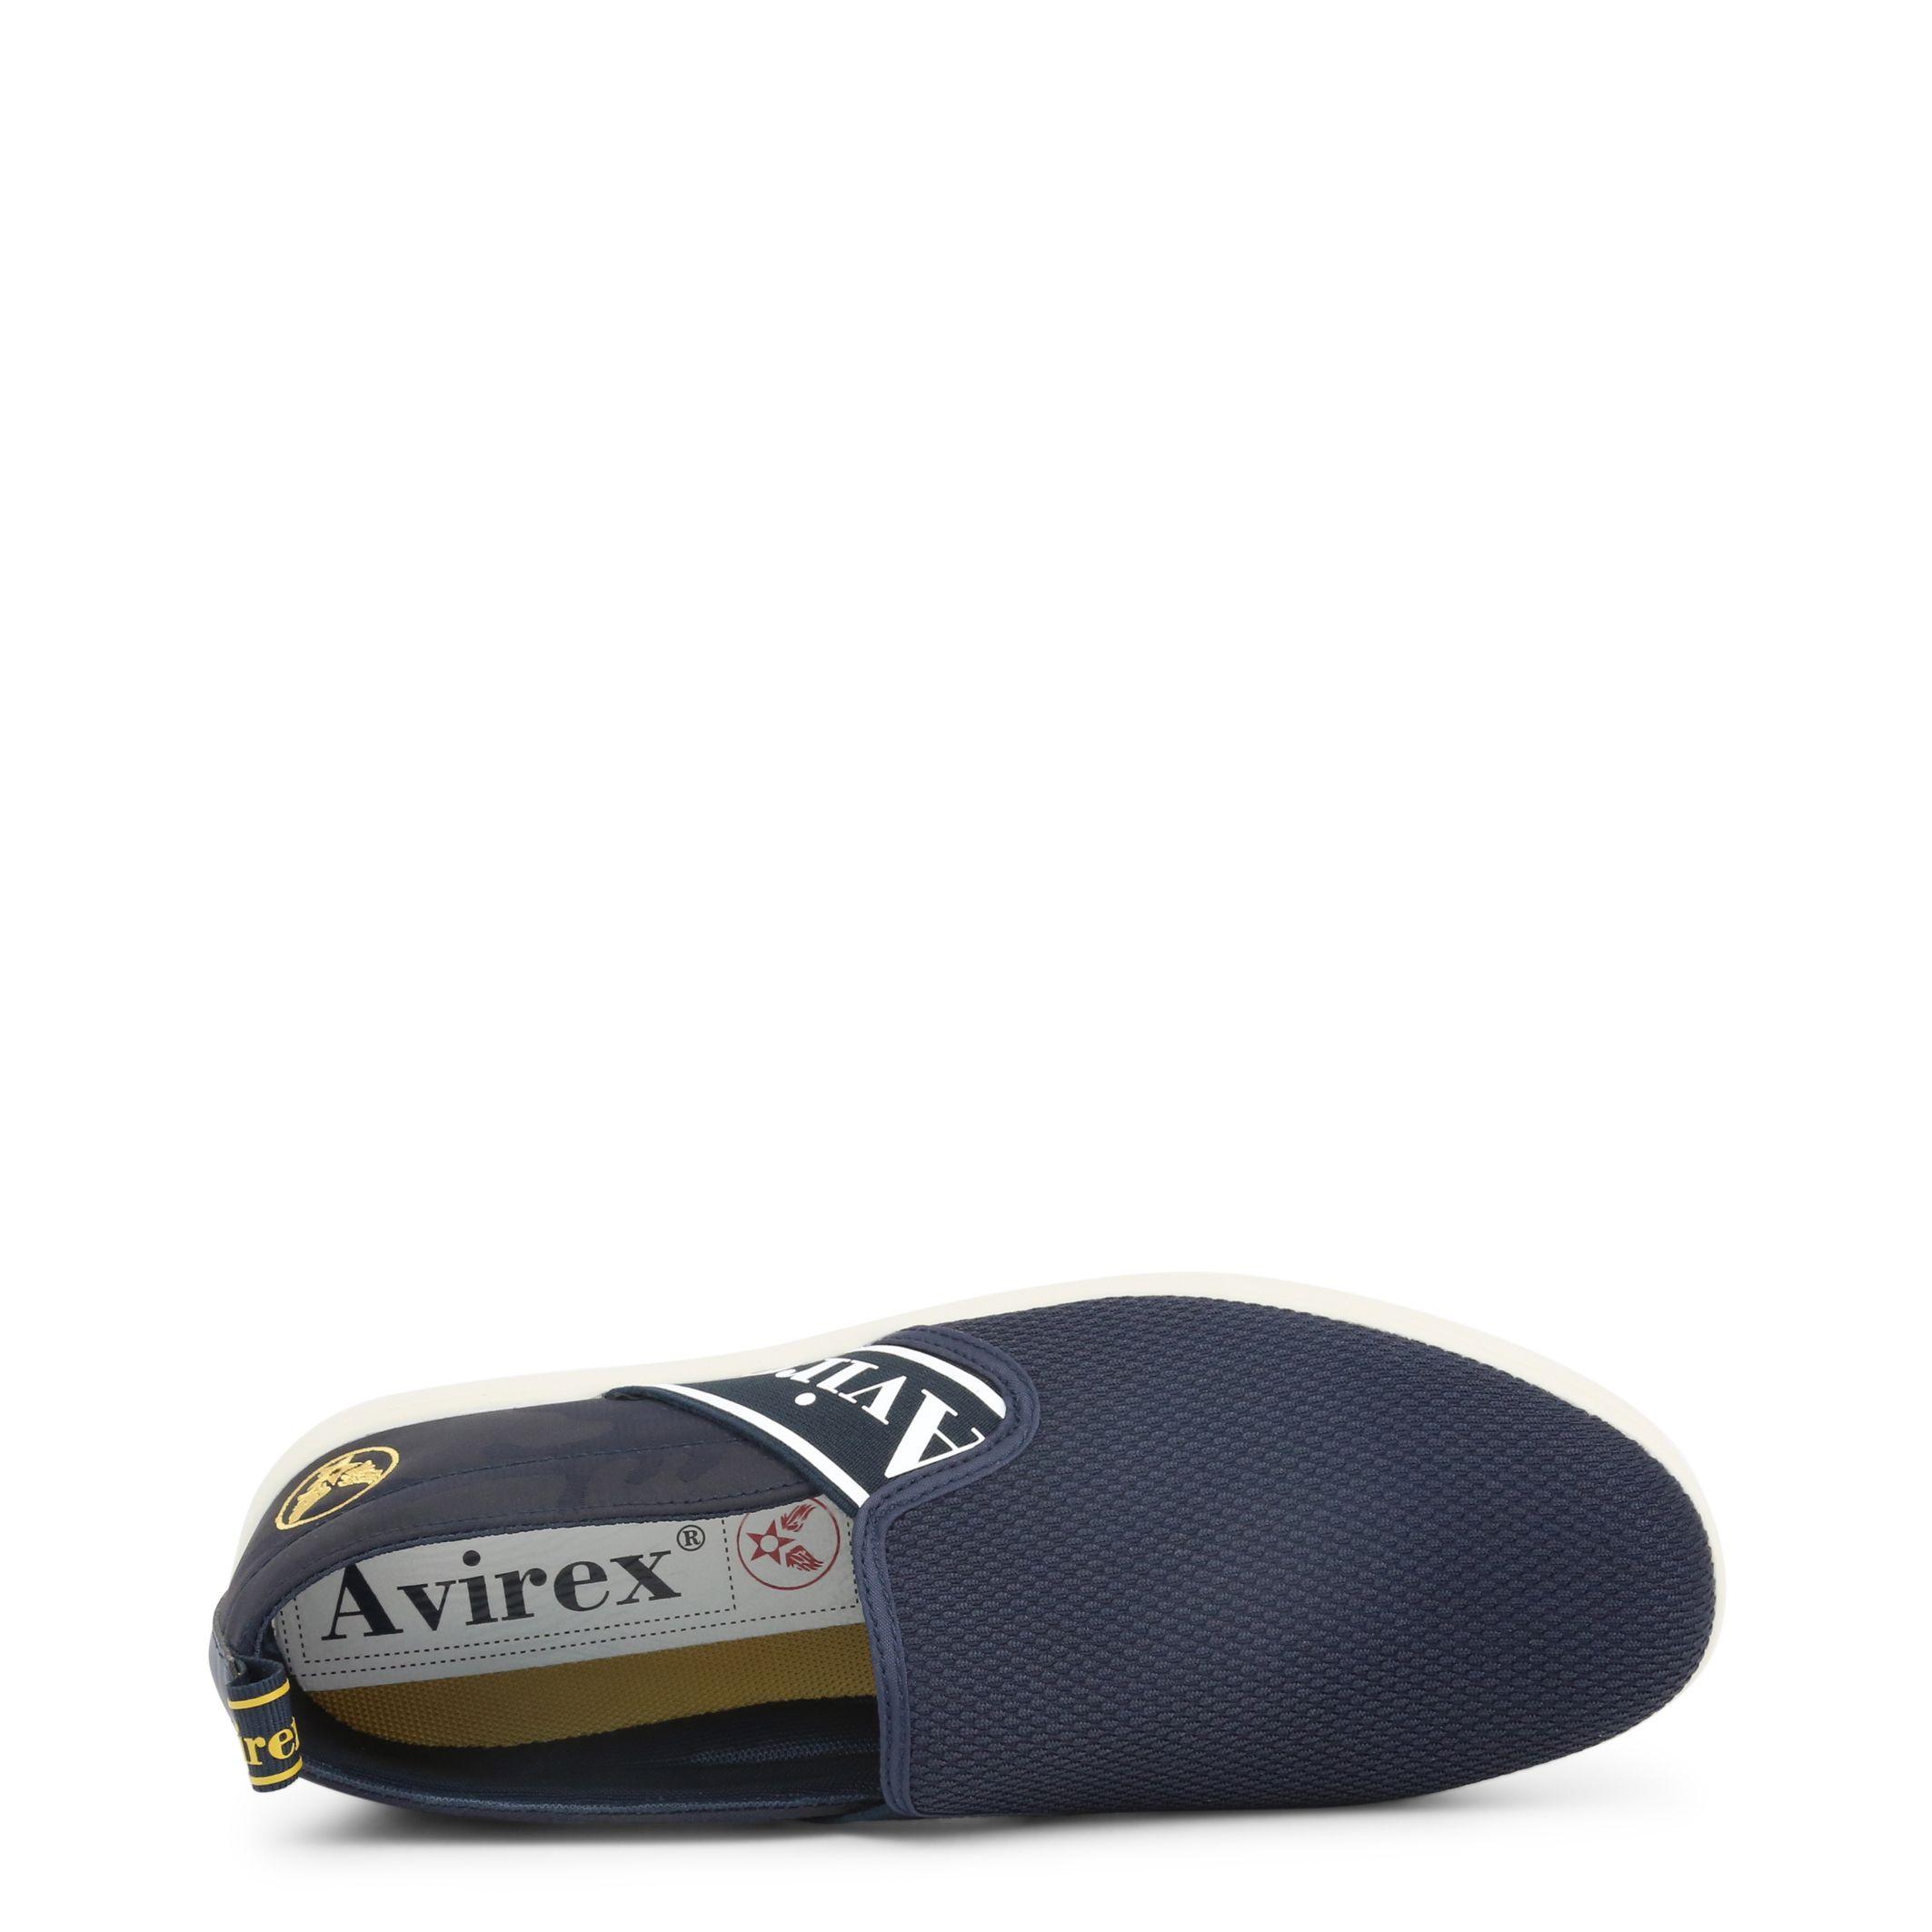 Avirex - AV01M80639  | You Fashion Outlet